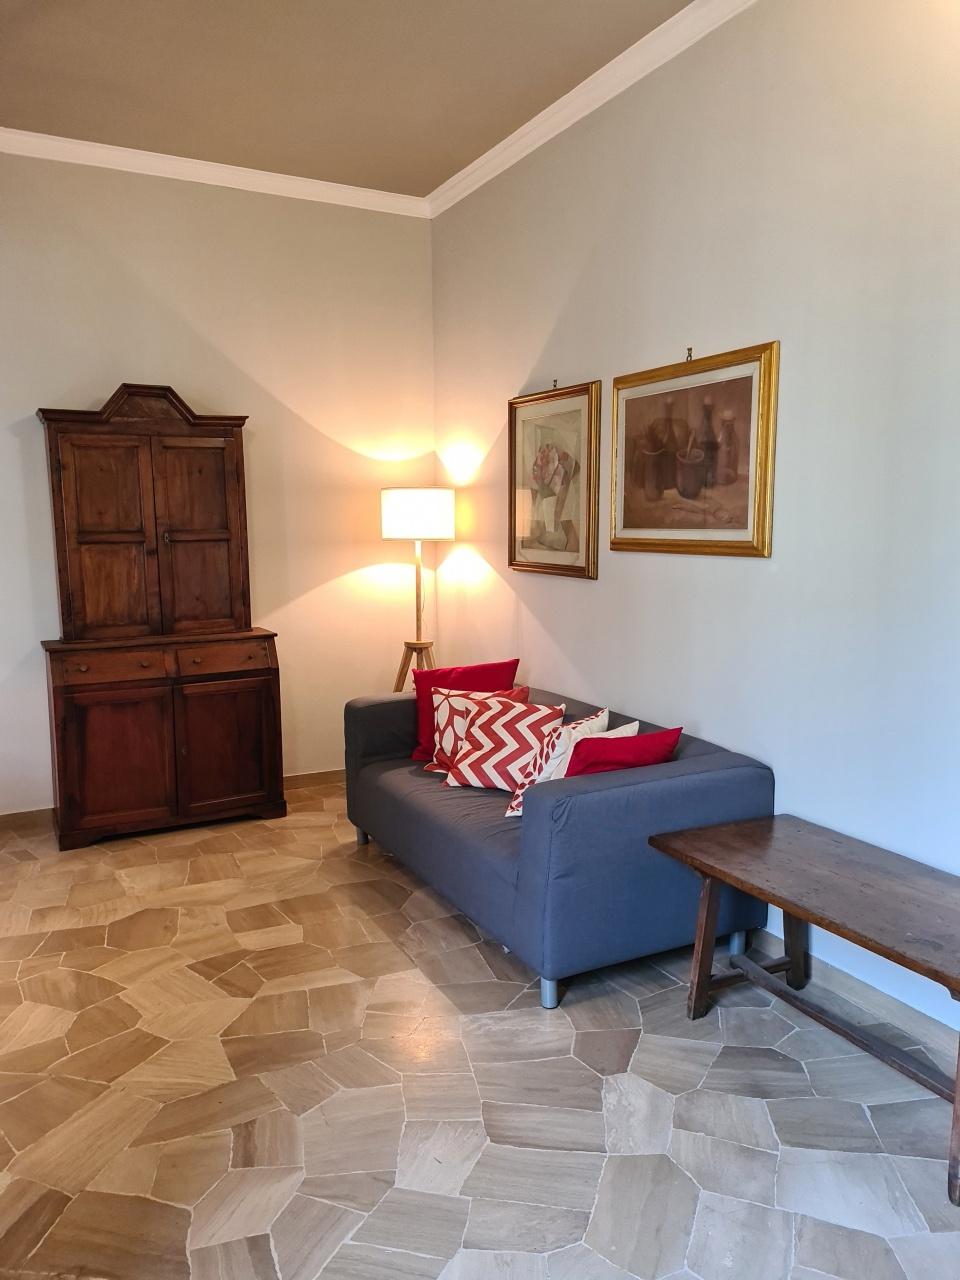 cerca  APPARTAMENTO AFFITTO Firenze  - Santa Croce / Sant Ambrogio